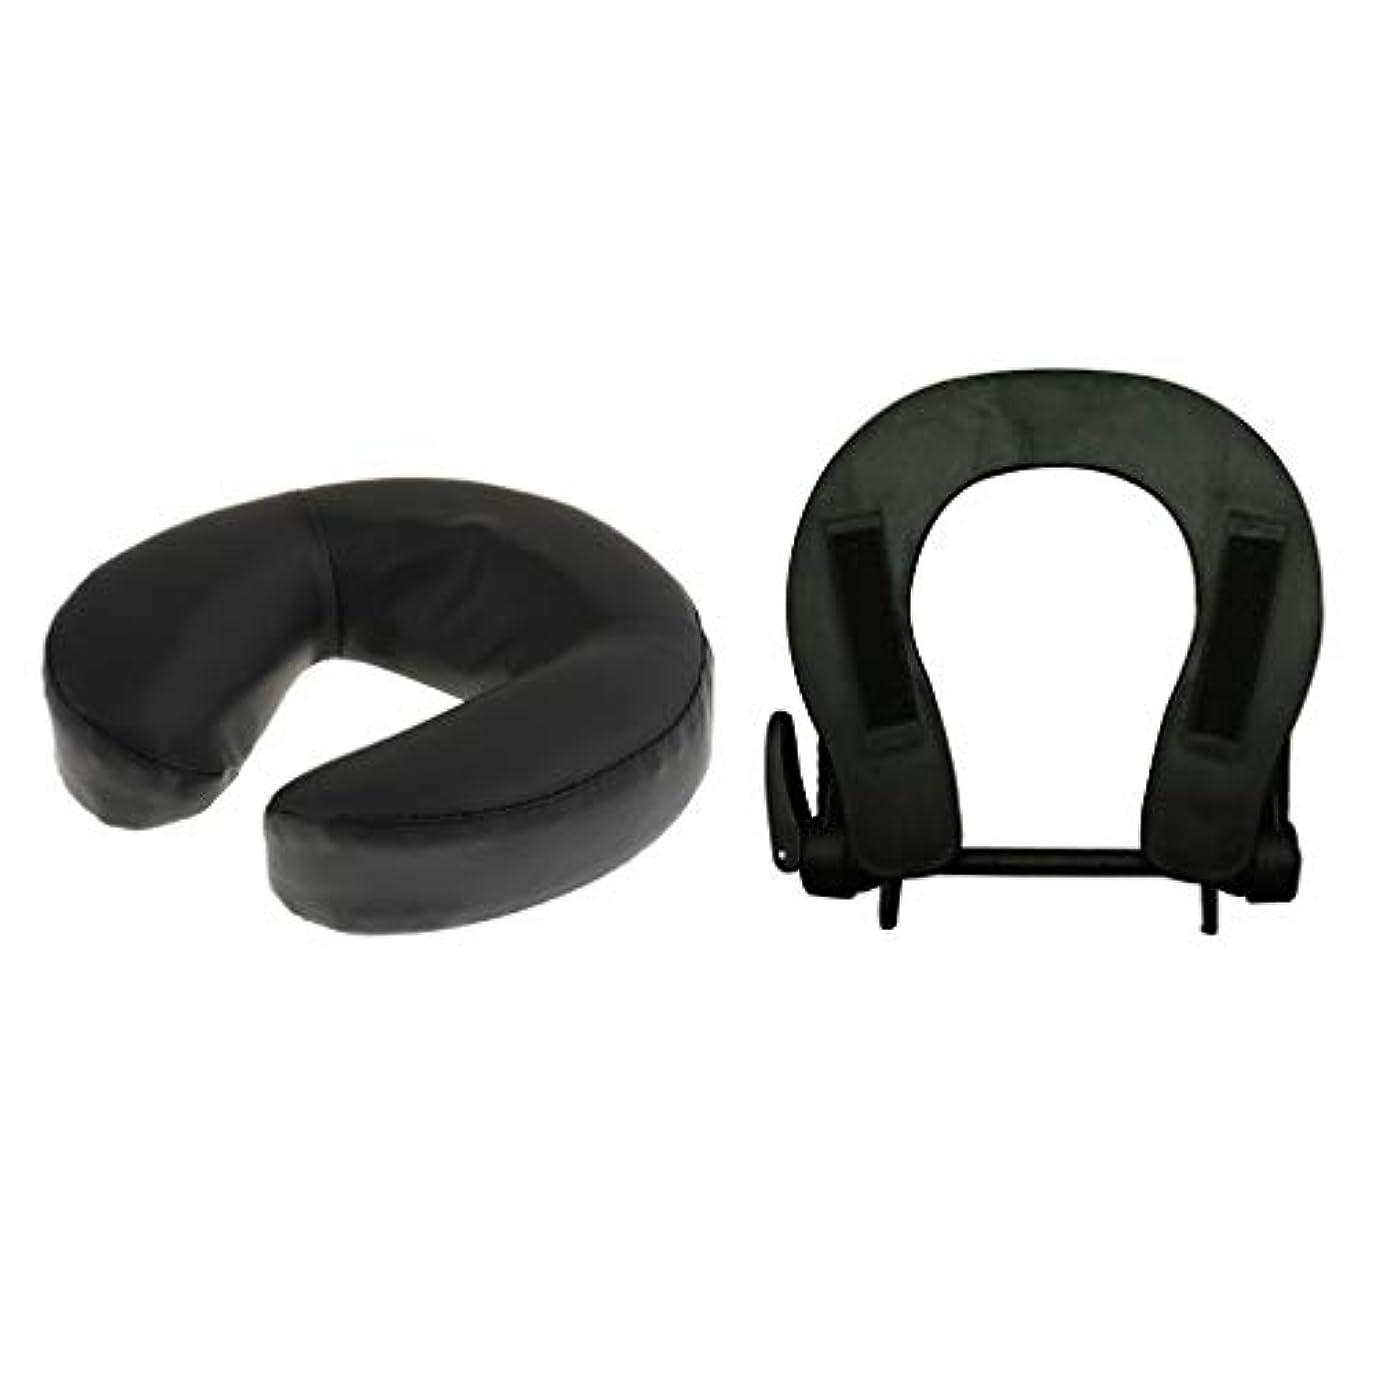 タブレット意見動員するフェイスマット 顔マクラ マッサージ枕 顔枕 フェイスクレードル 調節可能 マッサージテーブル 汎用